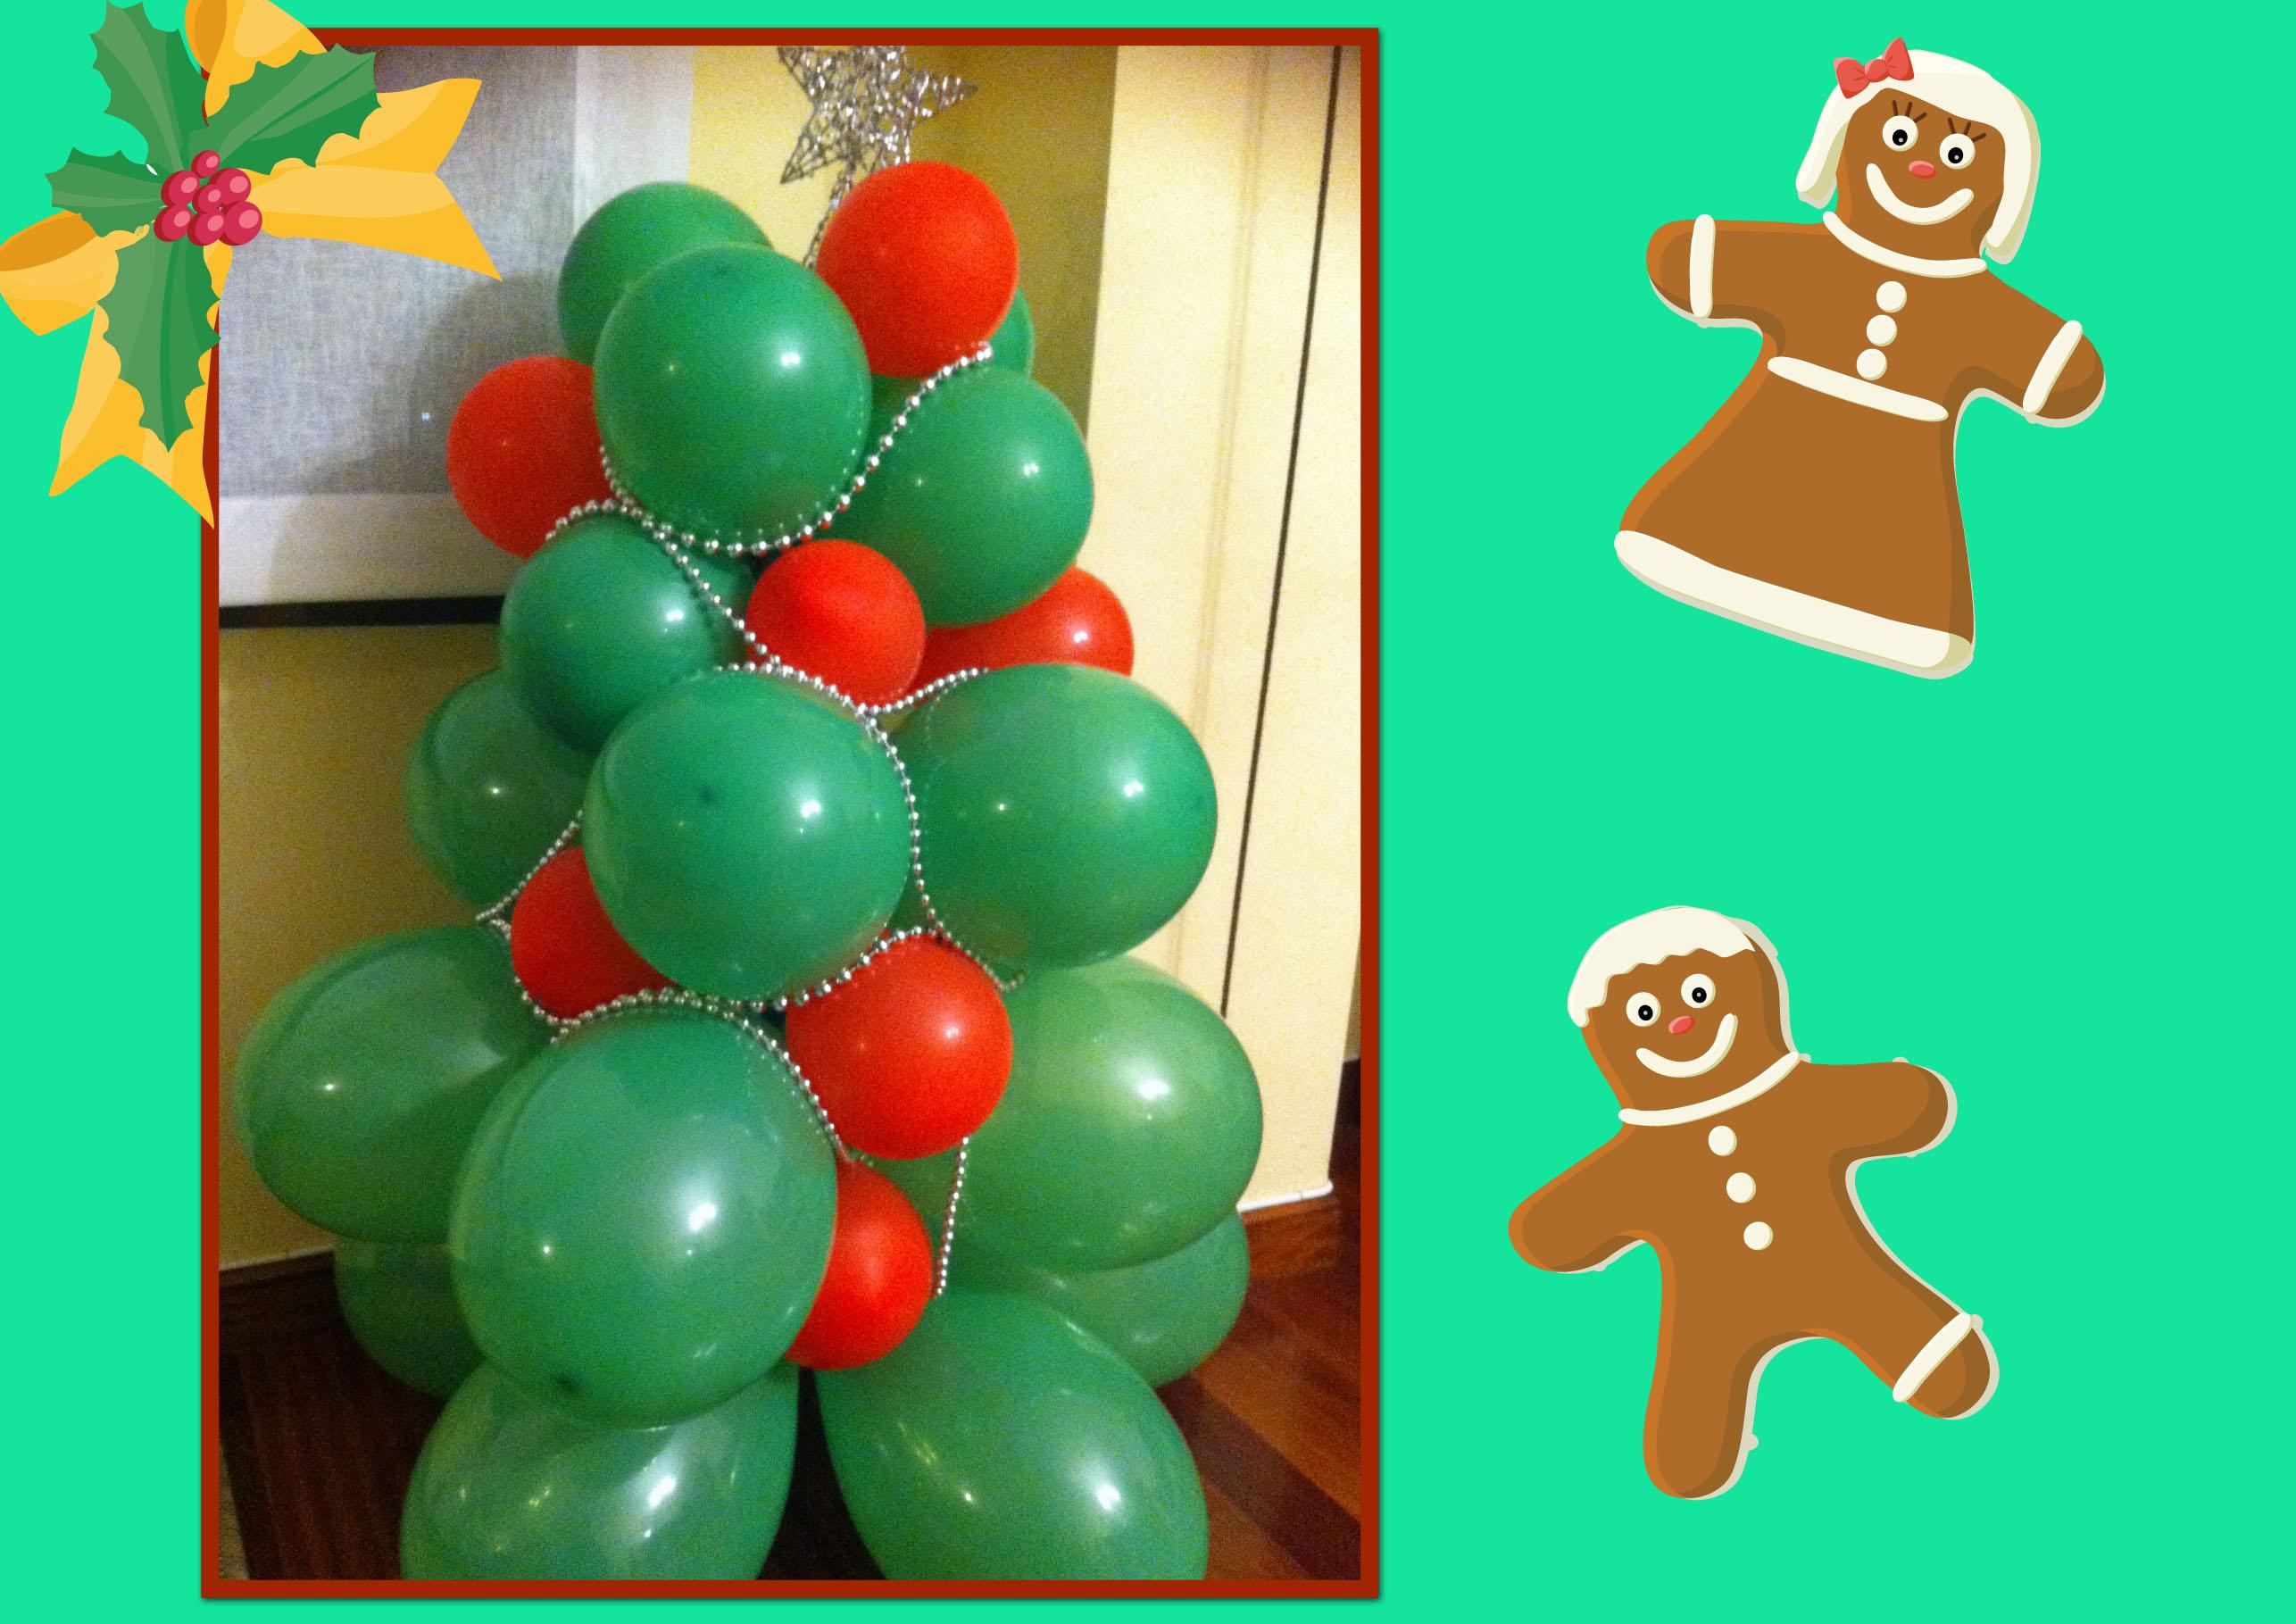 Navidad globos decoracion 19 imagenes educativas - Decoracion de navidad con globos ...